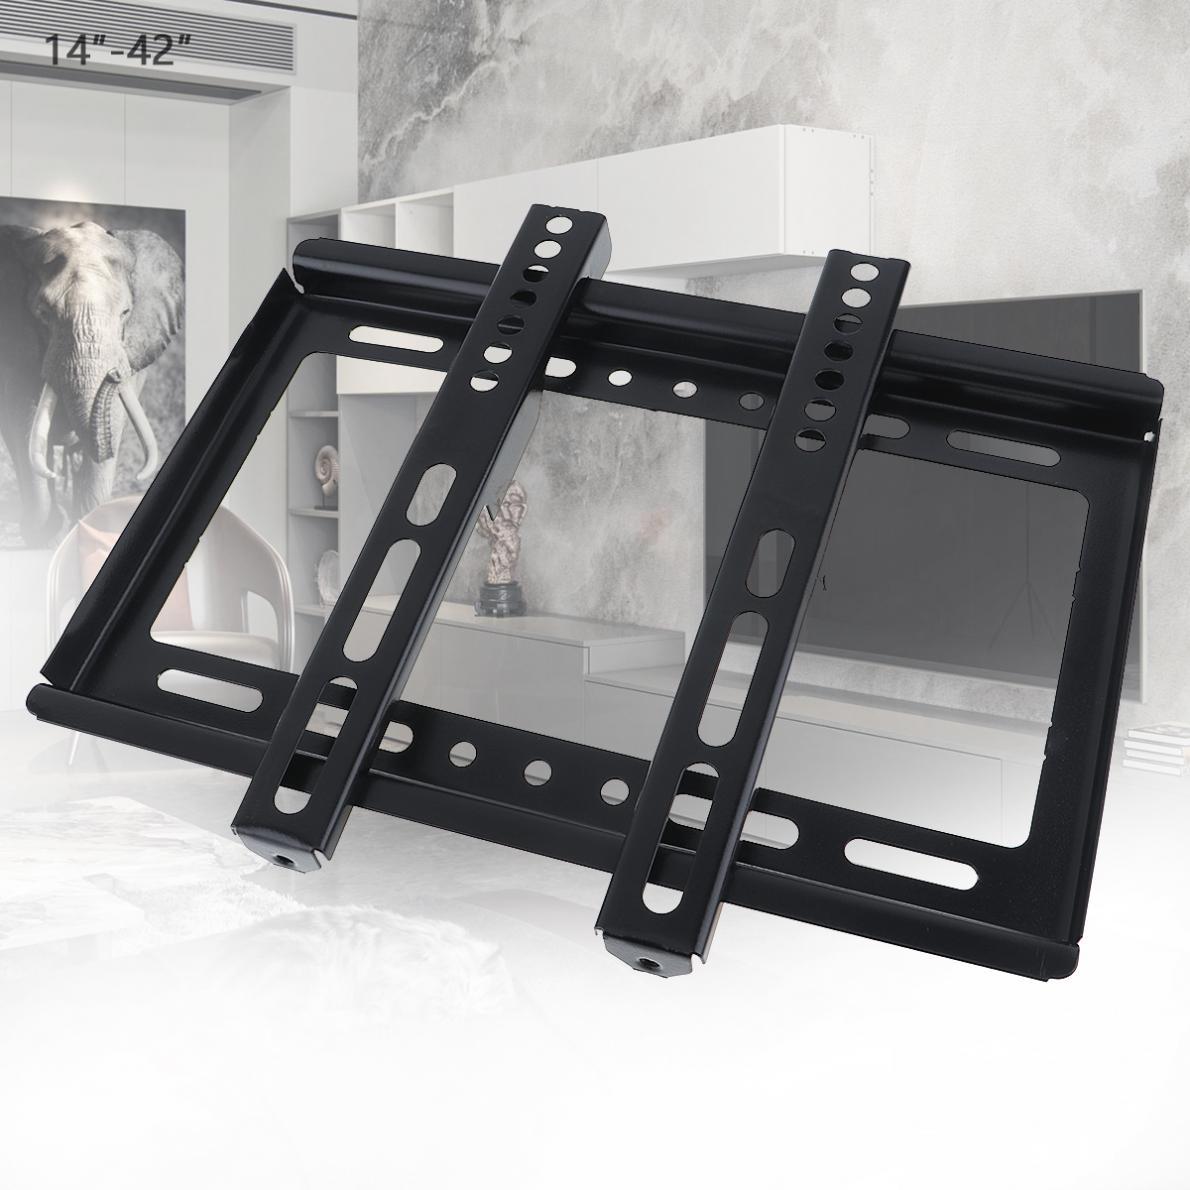 Soporte de montaje en pared para TV, marco de TV Delgado Universal de 25KG con gradiente para Monitor LCD LED de 14 - 42 pulgadas